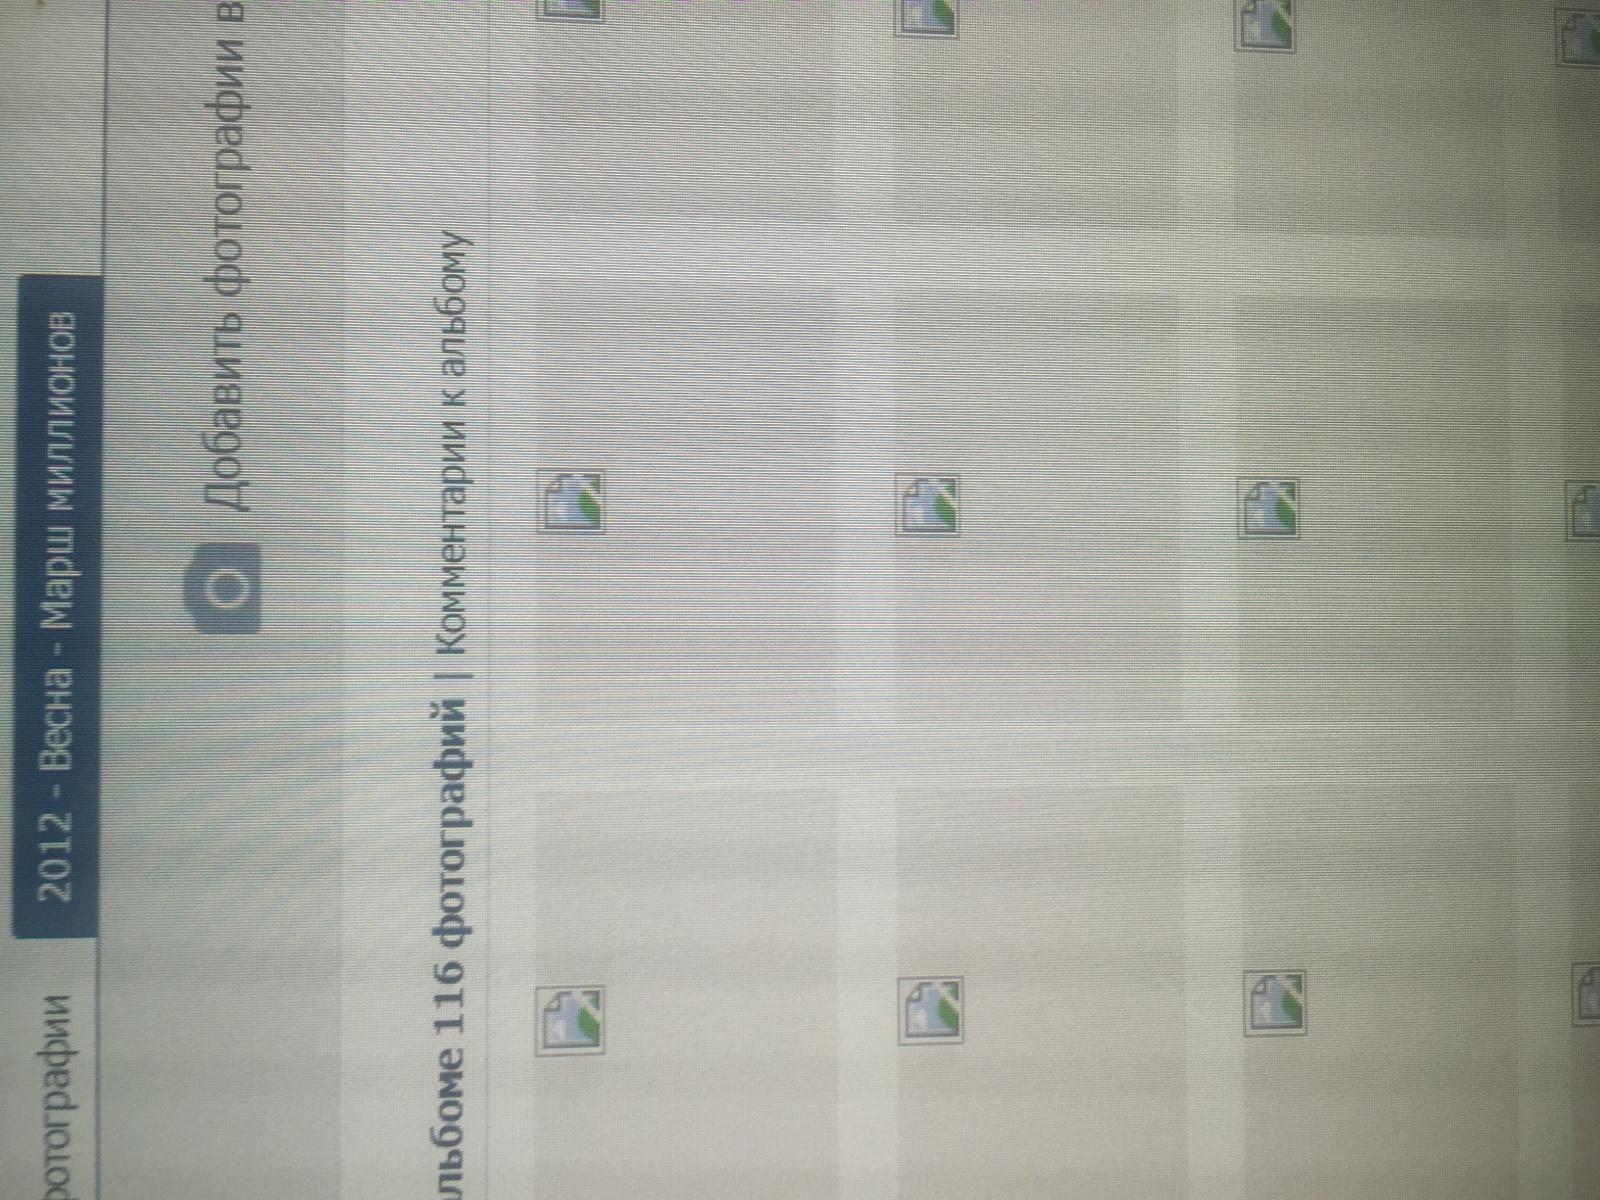 ВКонтакте стёр пользователю альбом про Болотную площадь и про протесты закончившиеся посадками?